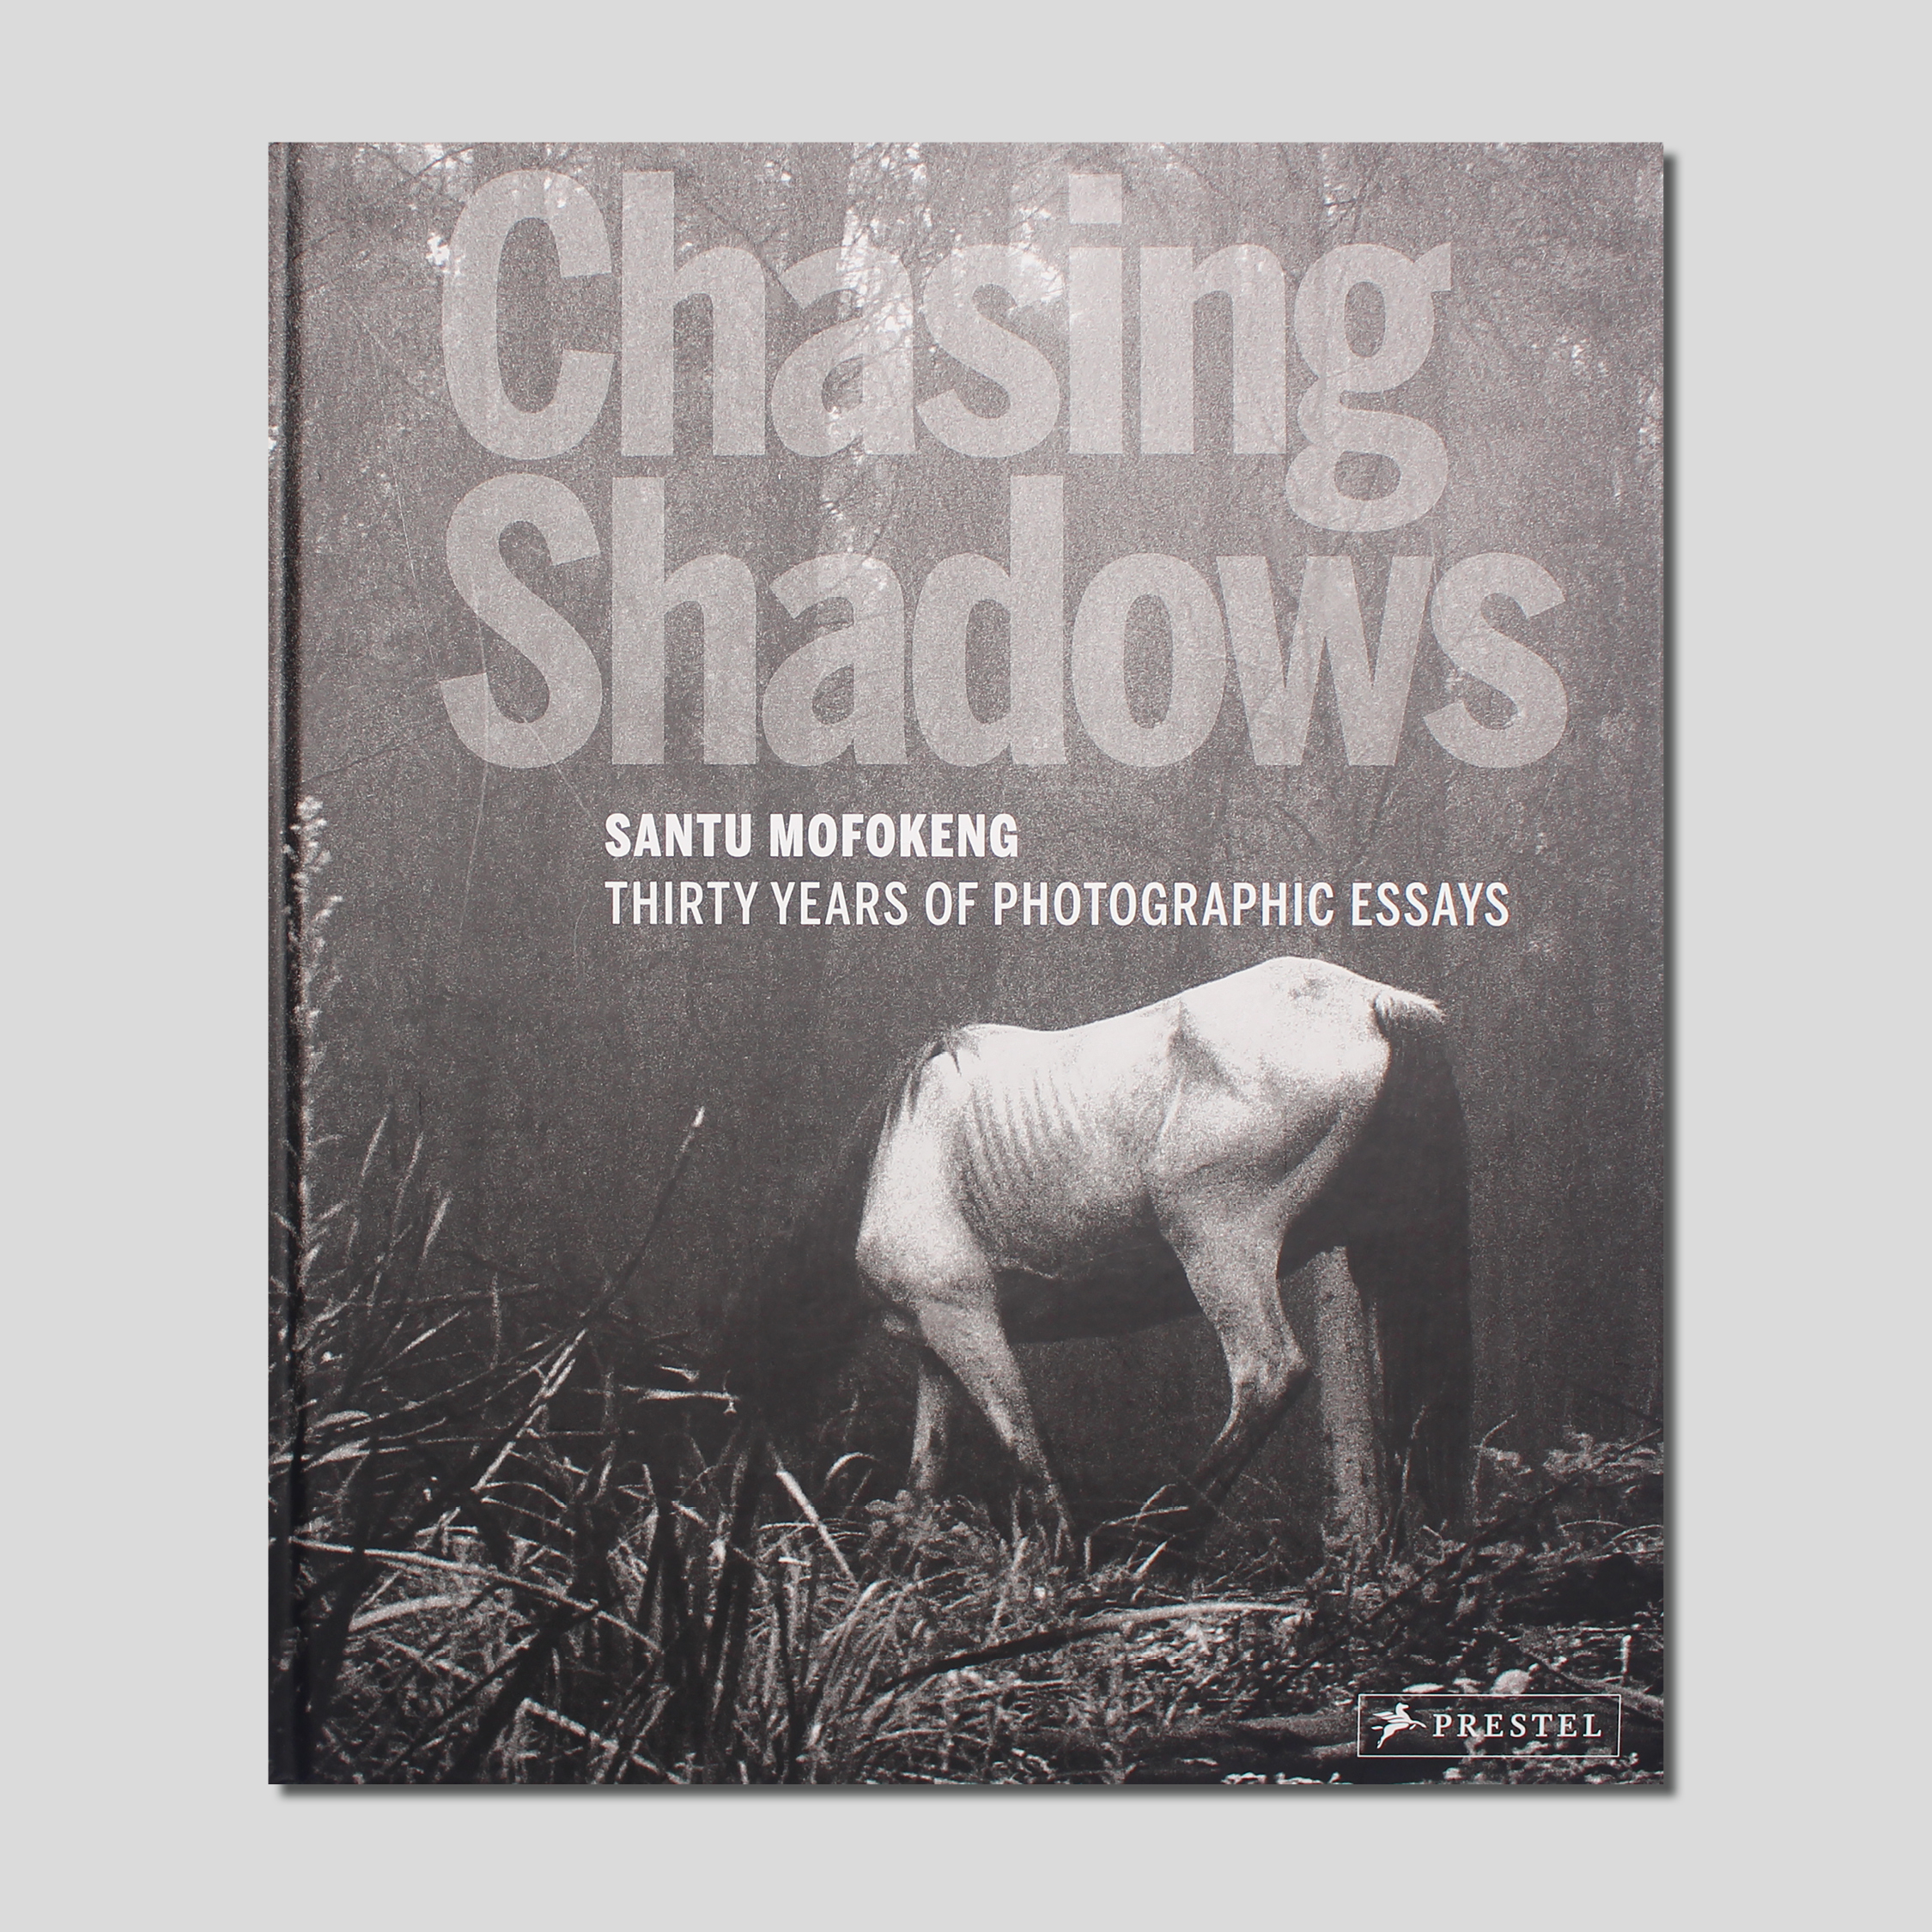 Chasing Shadows by Santu Mofokeng